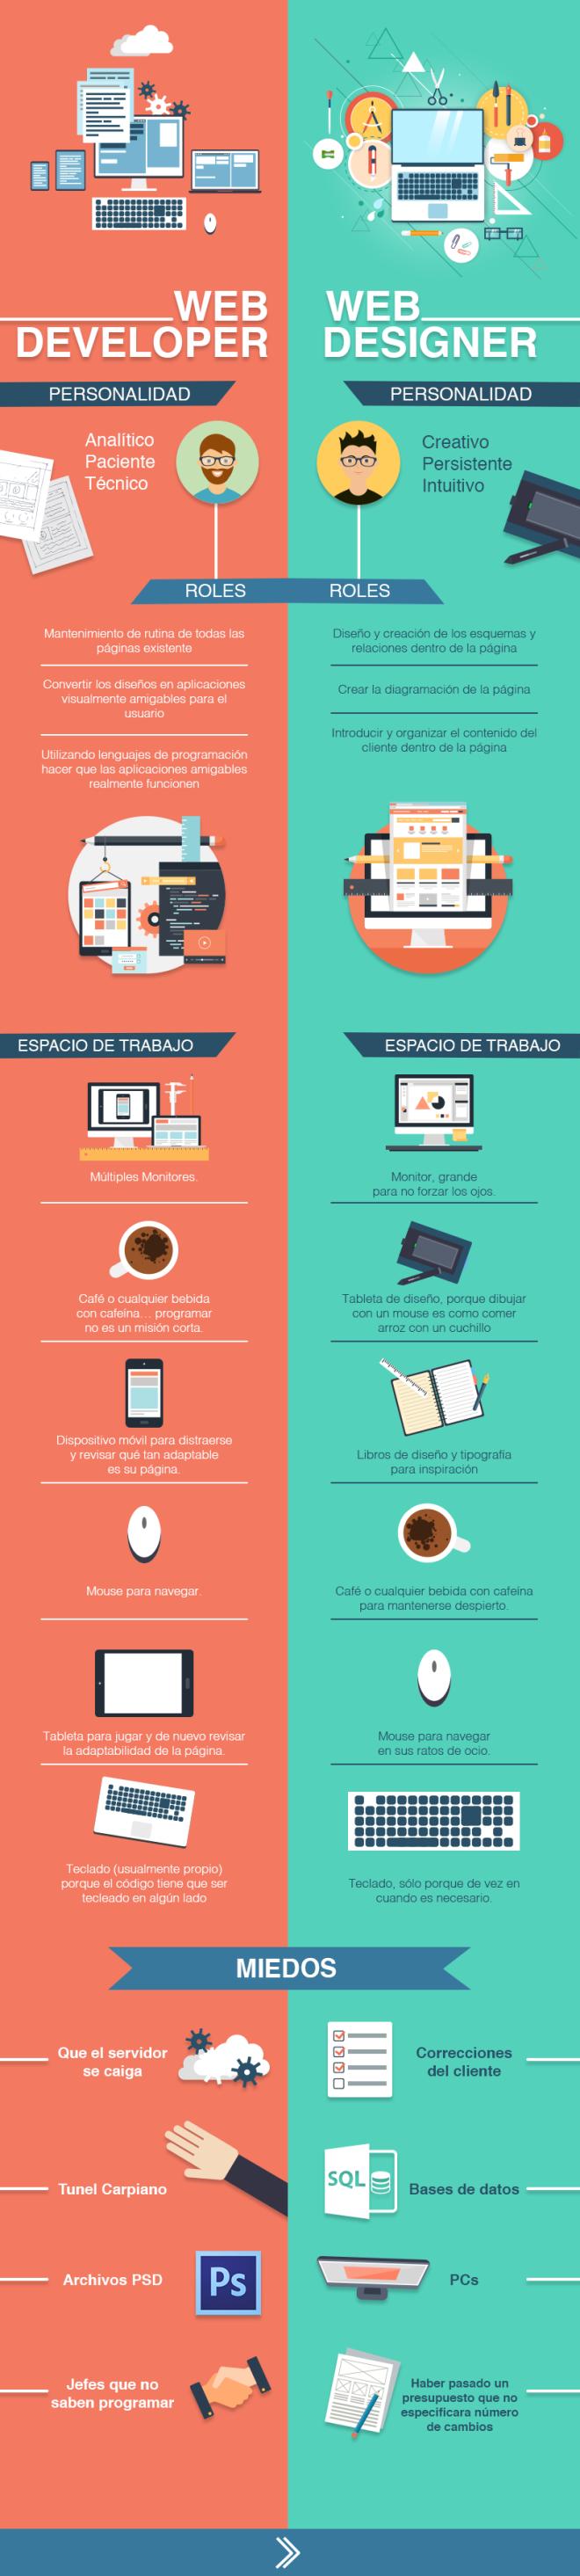 Diferencias entre un desarrollador y un diseñador web